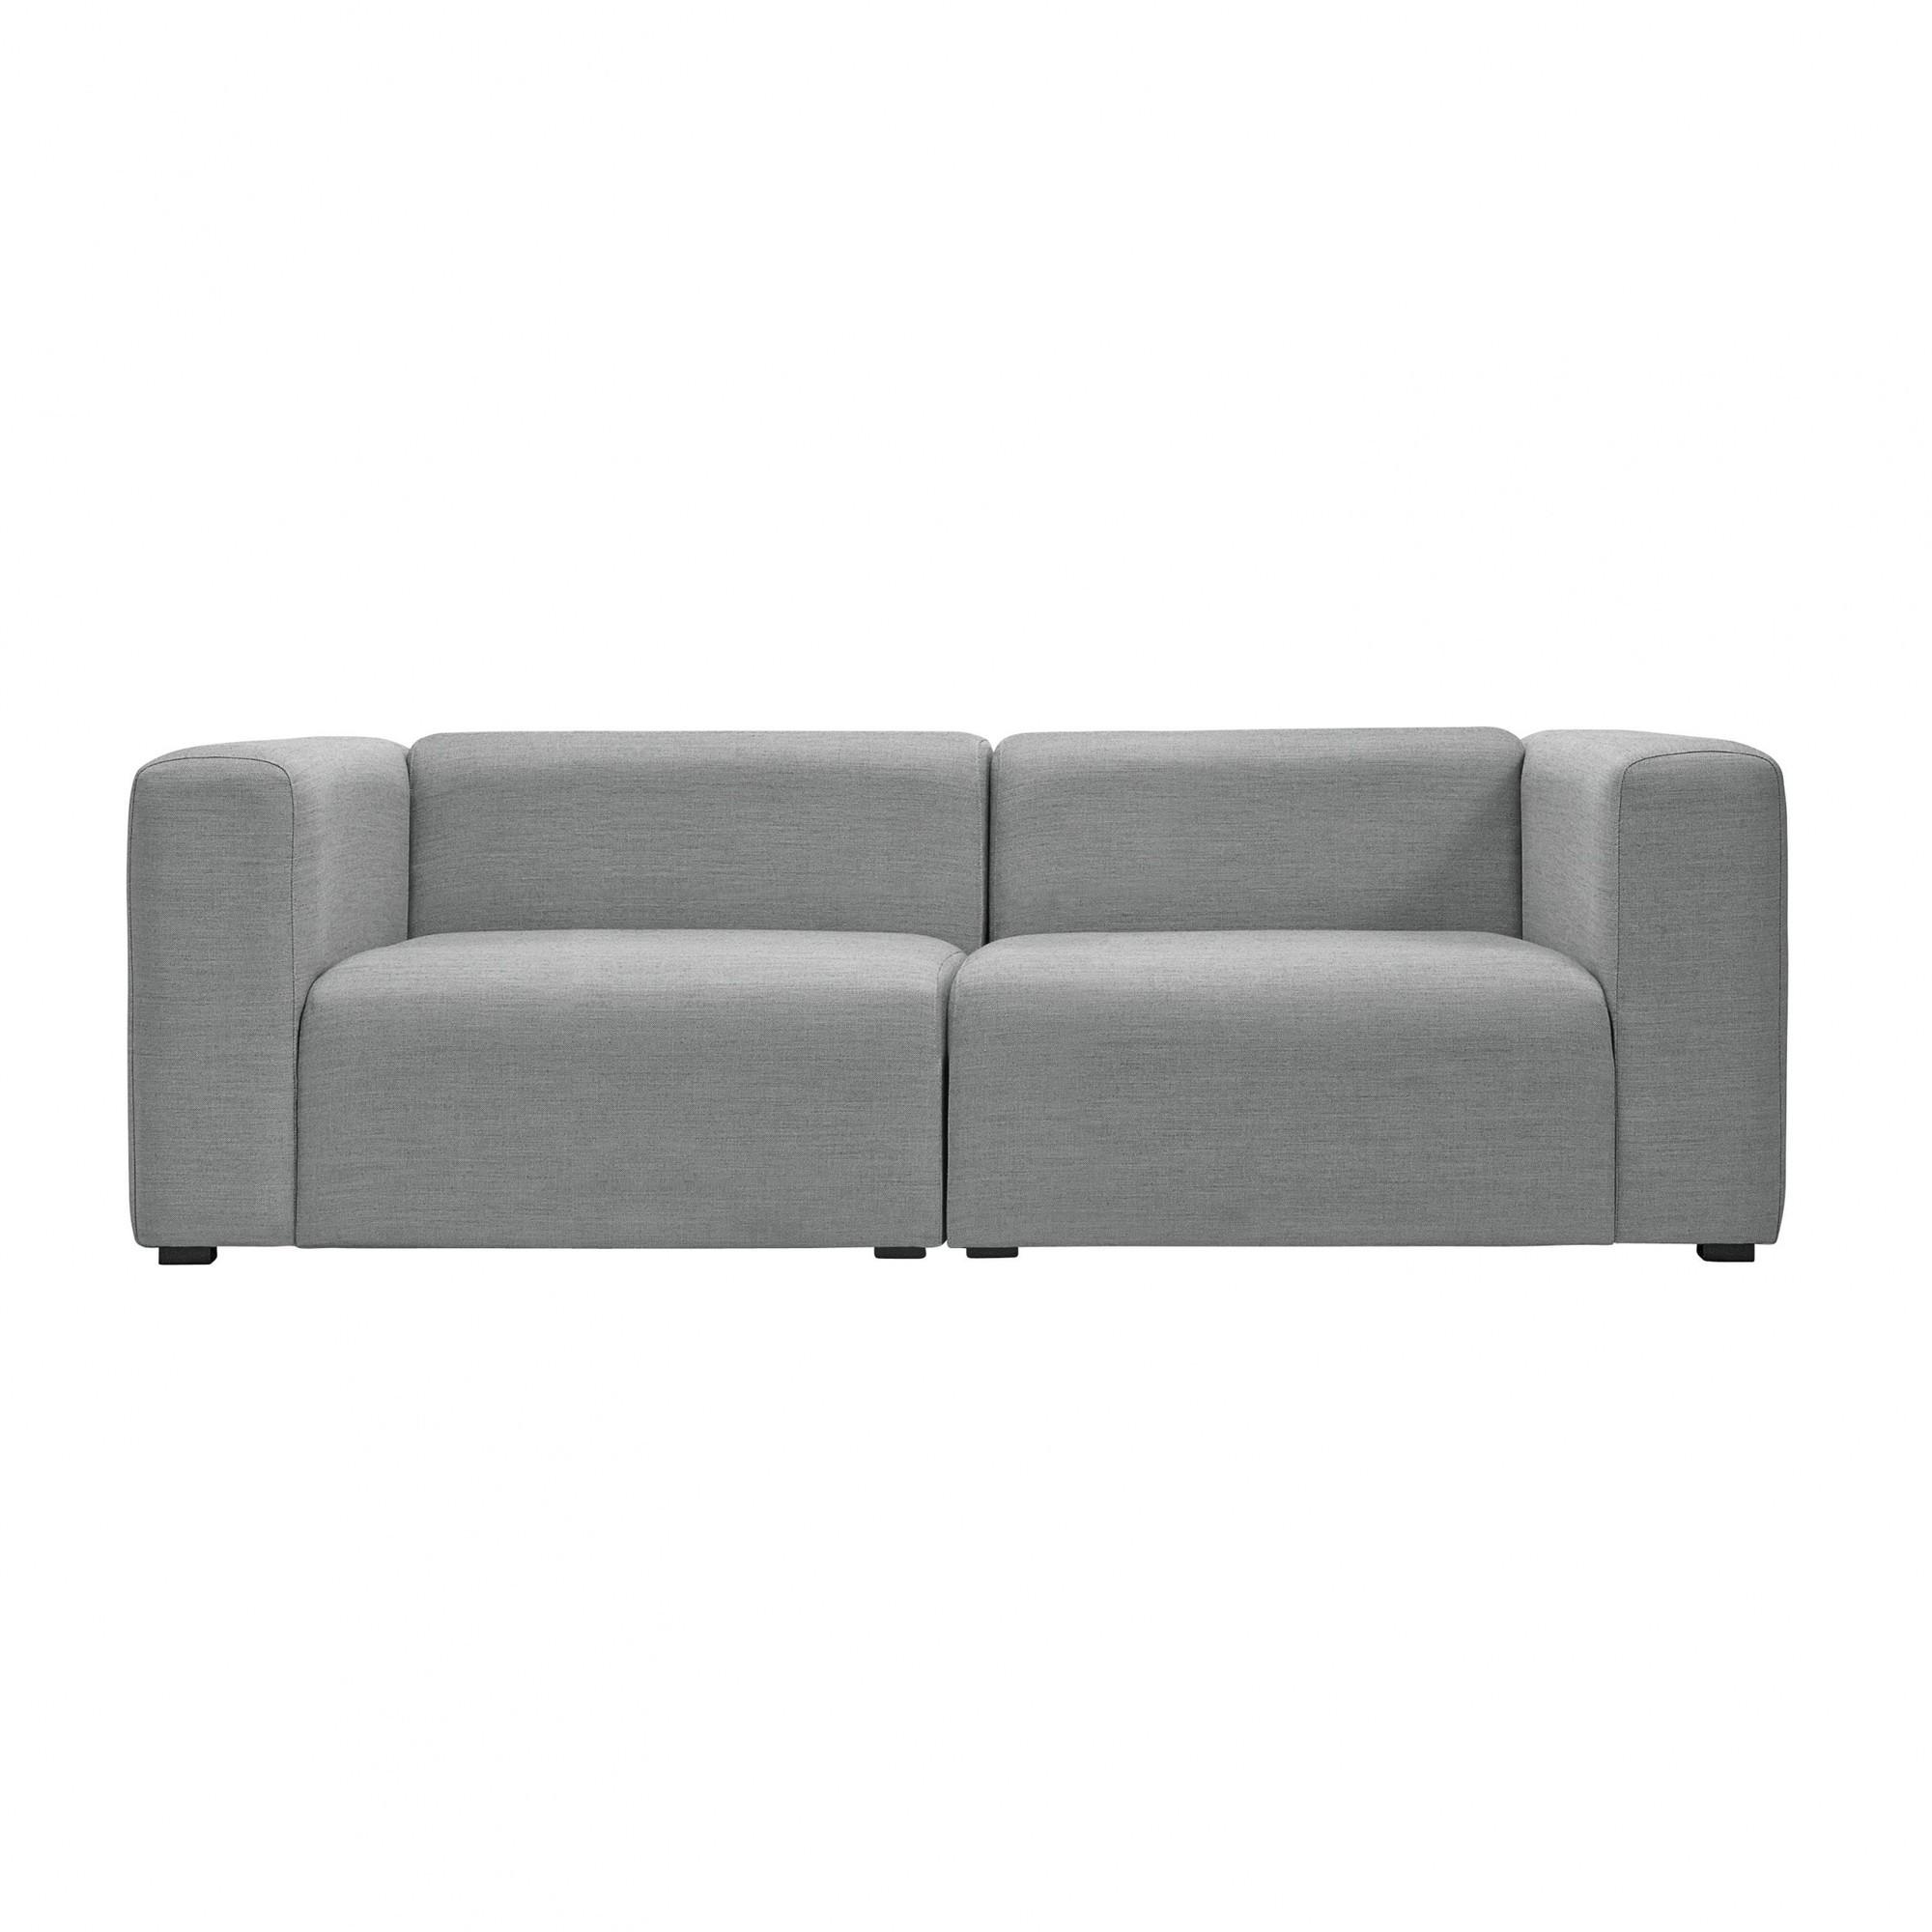 Full Size of 3er Sofa Grau Stoff Meliert Kaufen Graues Reinigen Schlaffunktion Grauer Gebraucht Chesterfield Big Grober Couch Ikea Sofas Hay Mags 2 Mit Bettkasten überzug Sofa Sofa Stoff Grau